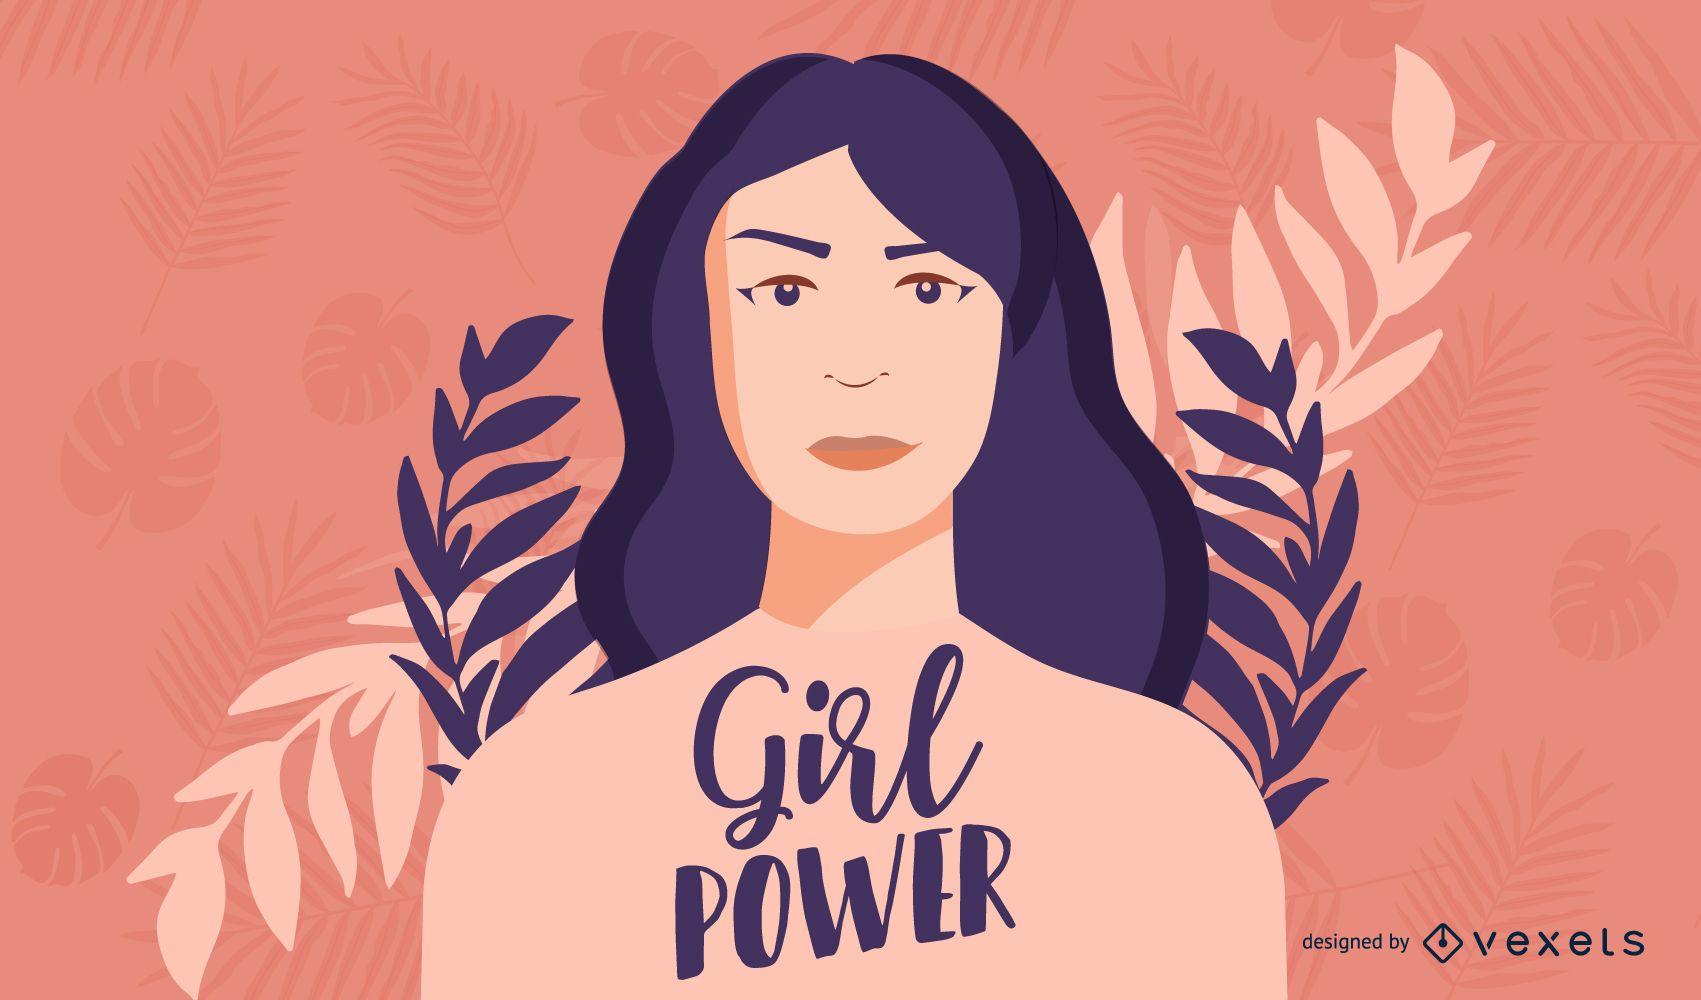 Girl Power Illustration Design